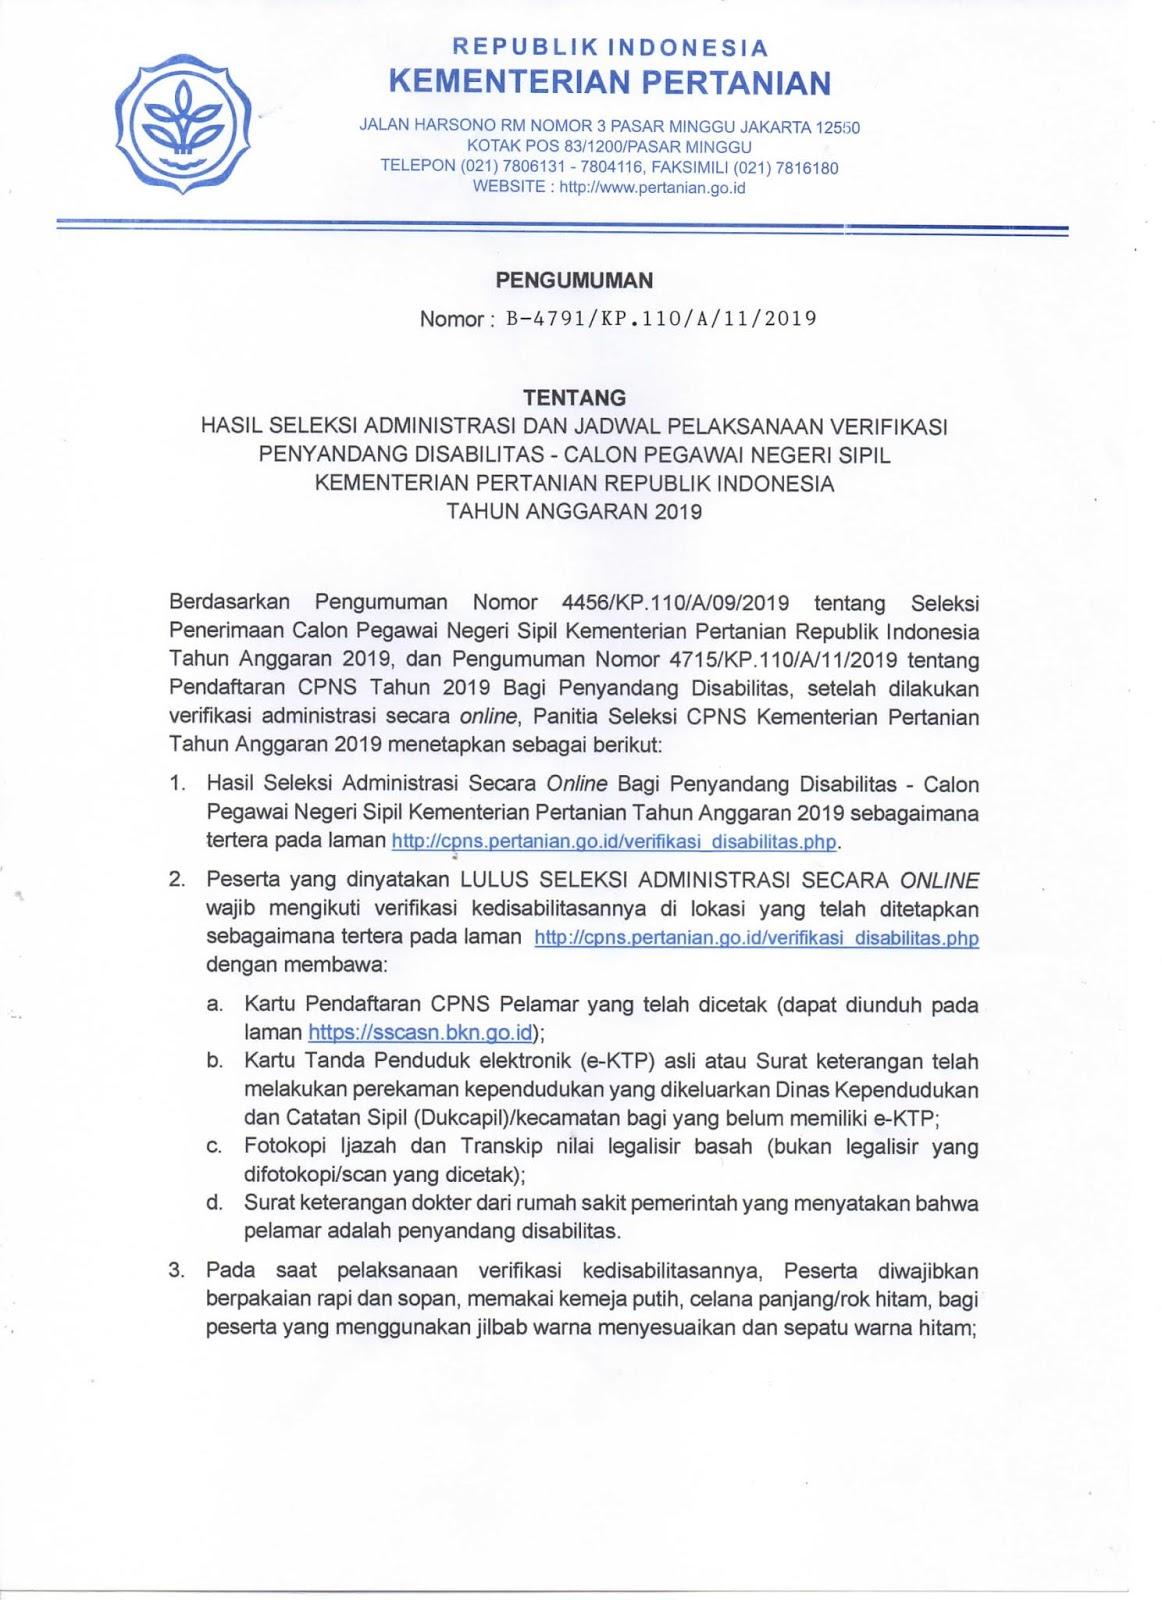 Pengumuman Seleksi Administrasi Disabilitas CPNS Kementerian Pertanian Tahun Anggaran 2019